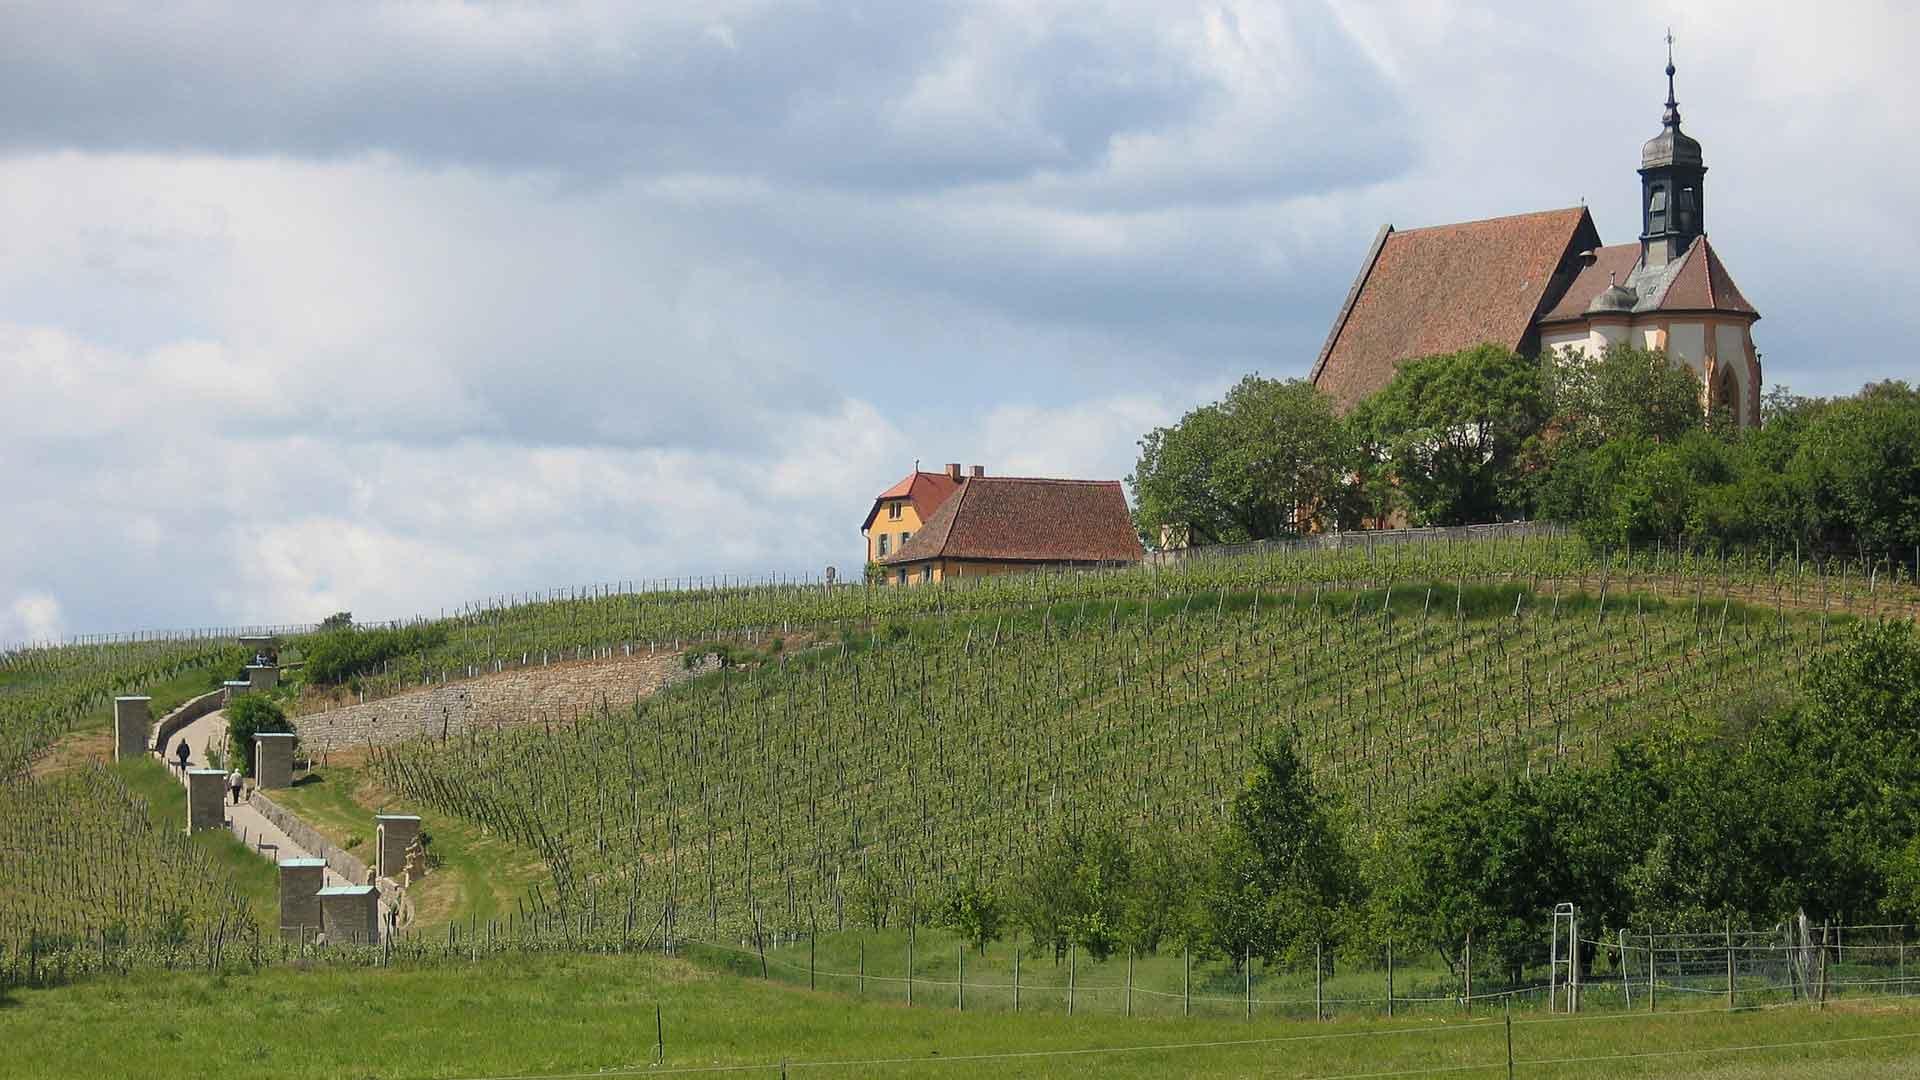 De pelgrimskerk St. Maria in Volkach ligt prachtig in de wijngaard.